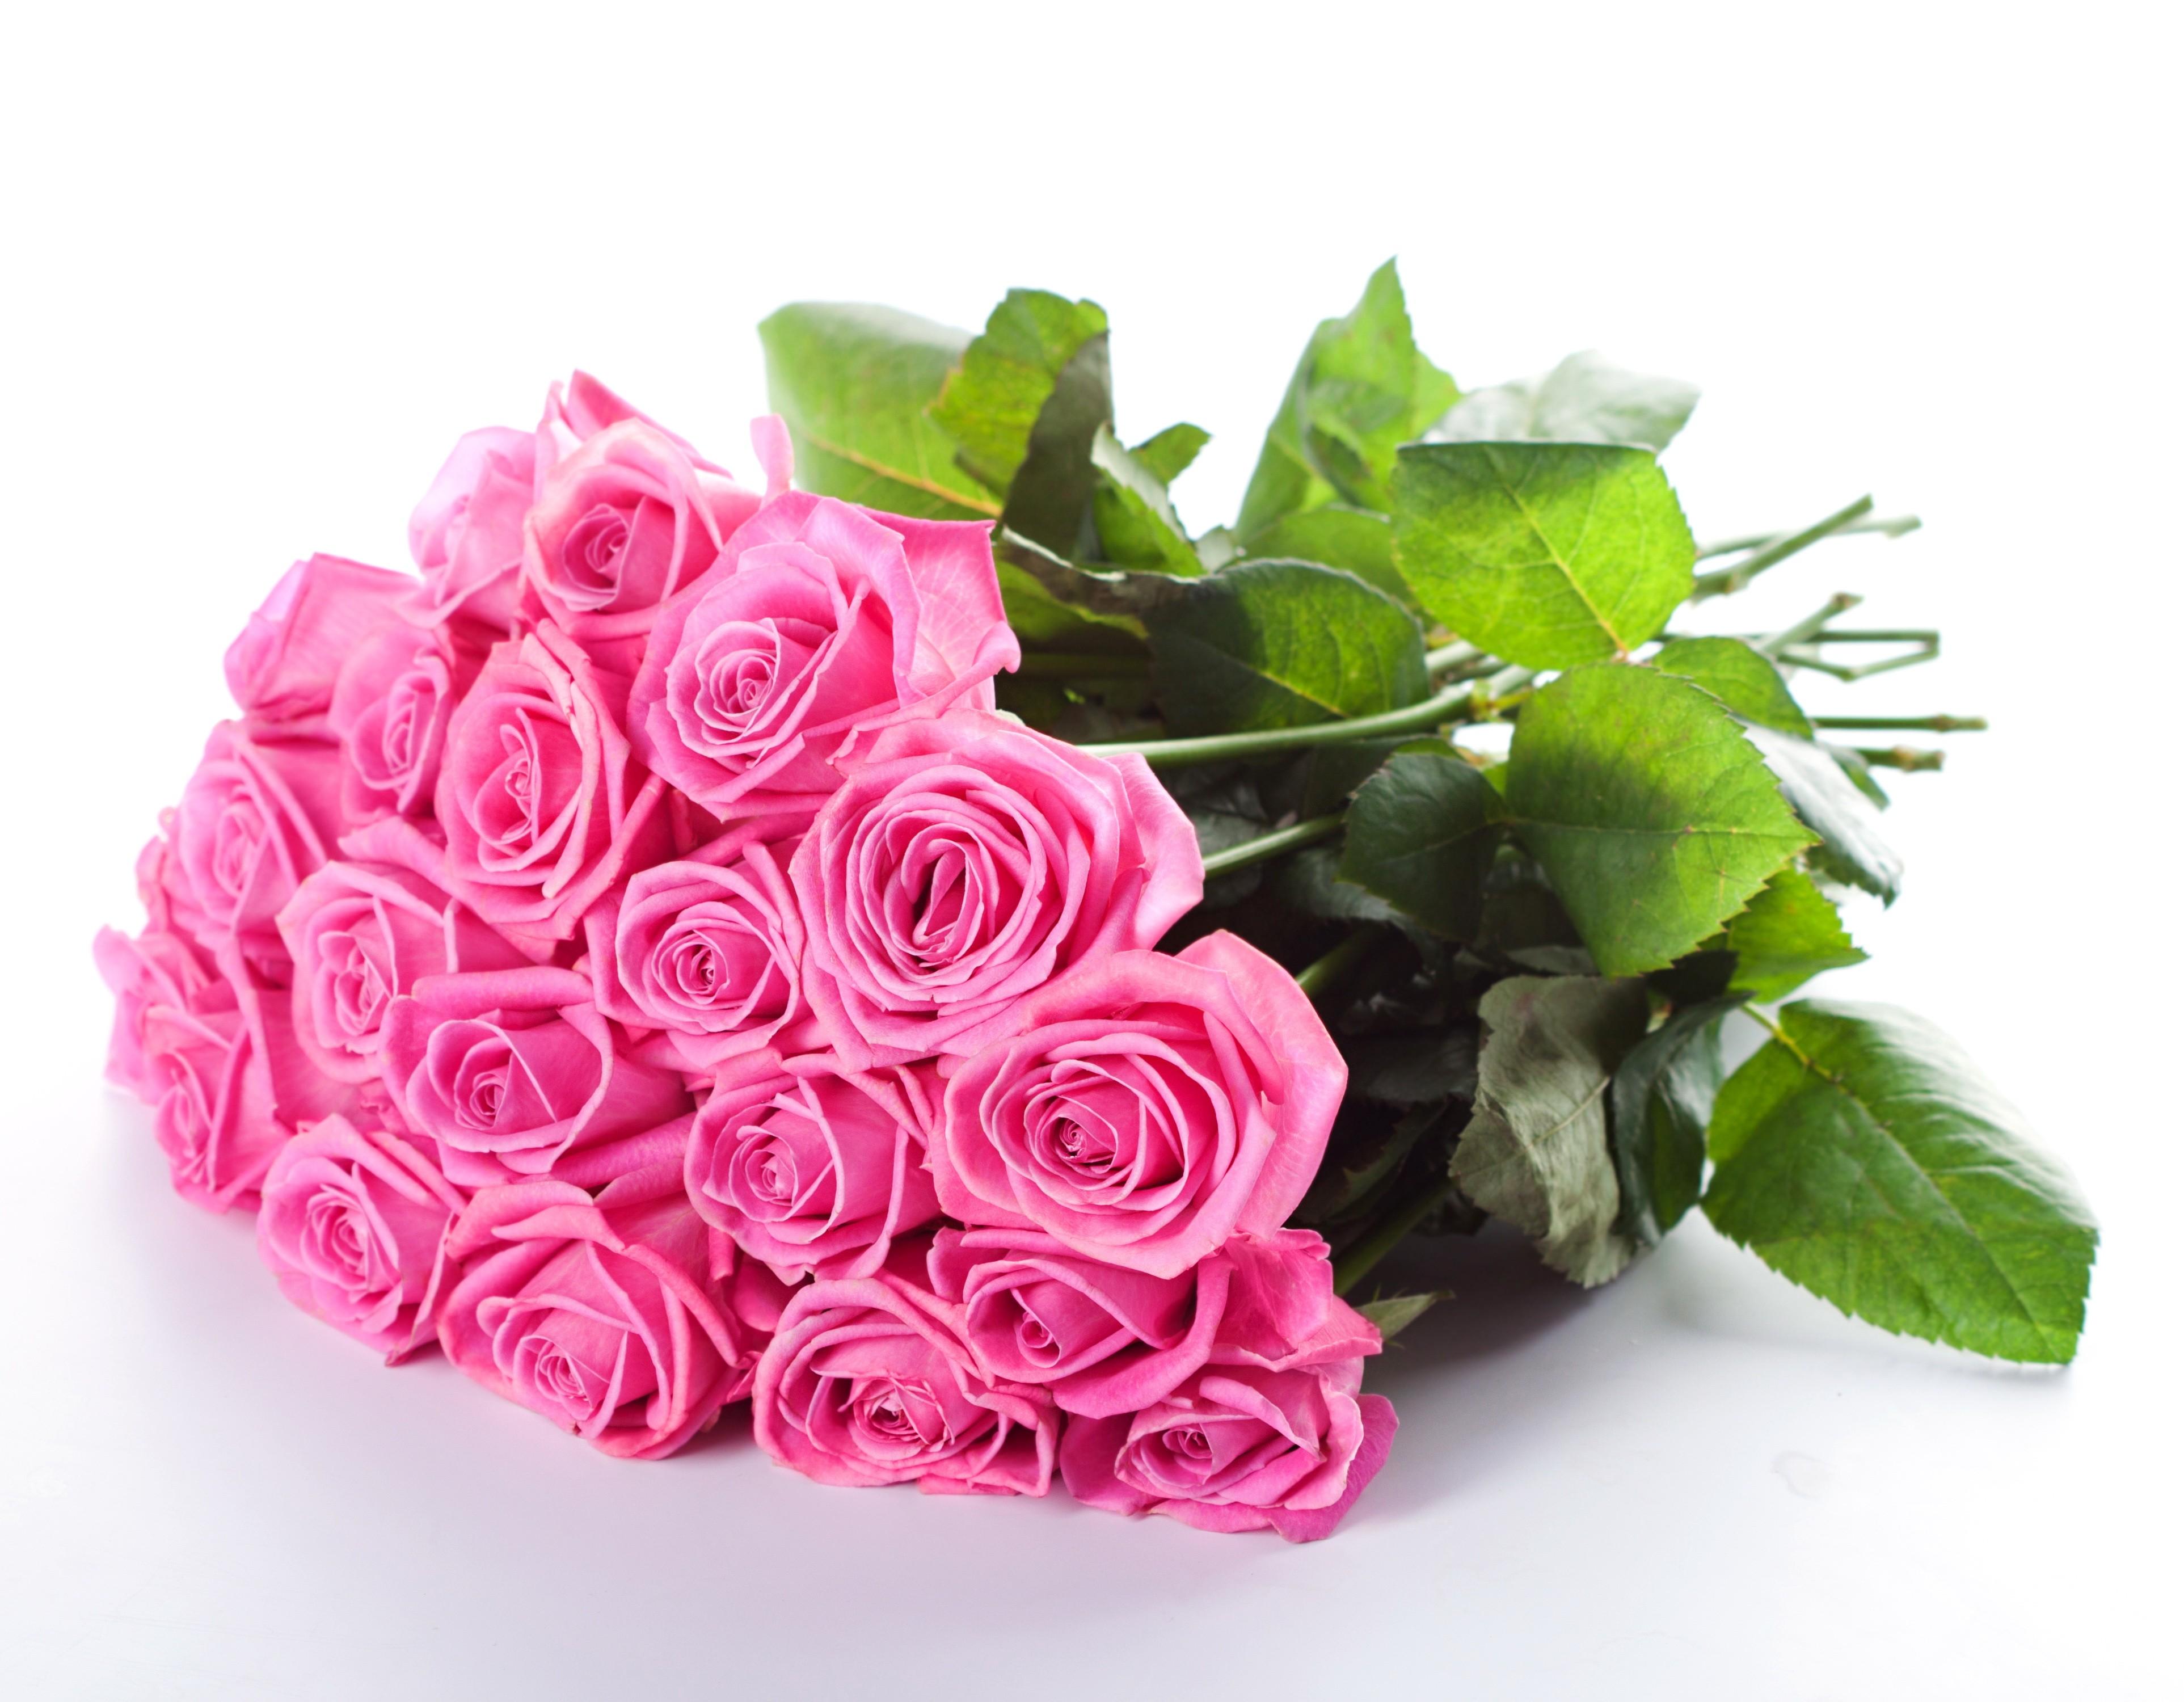 Free photo pink fresh flower garden nature fresh free pink fresh flower izmirmasajfo